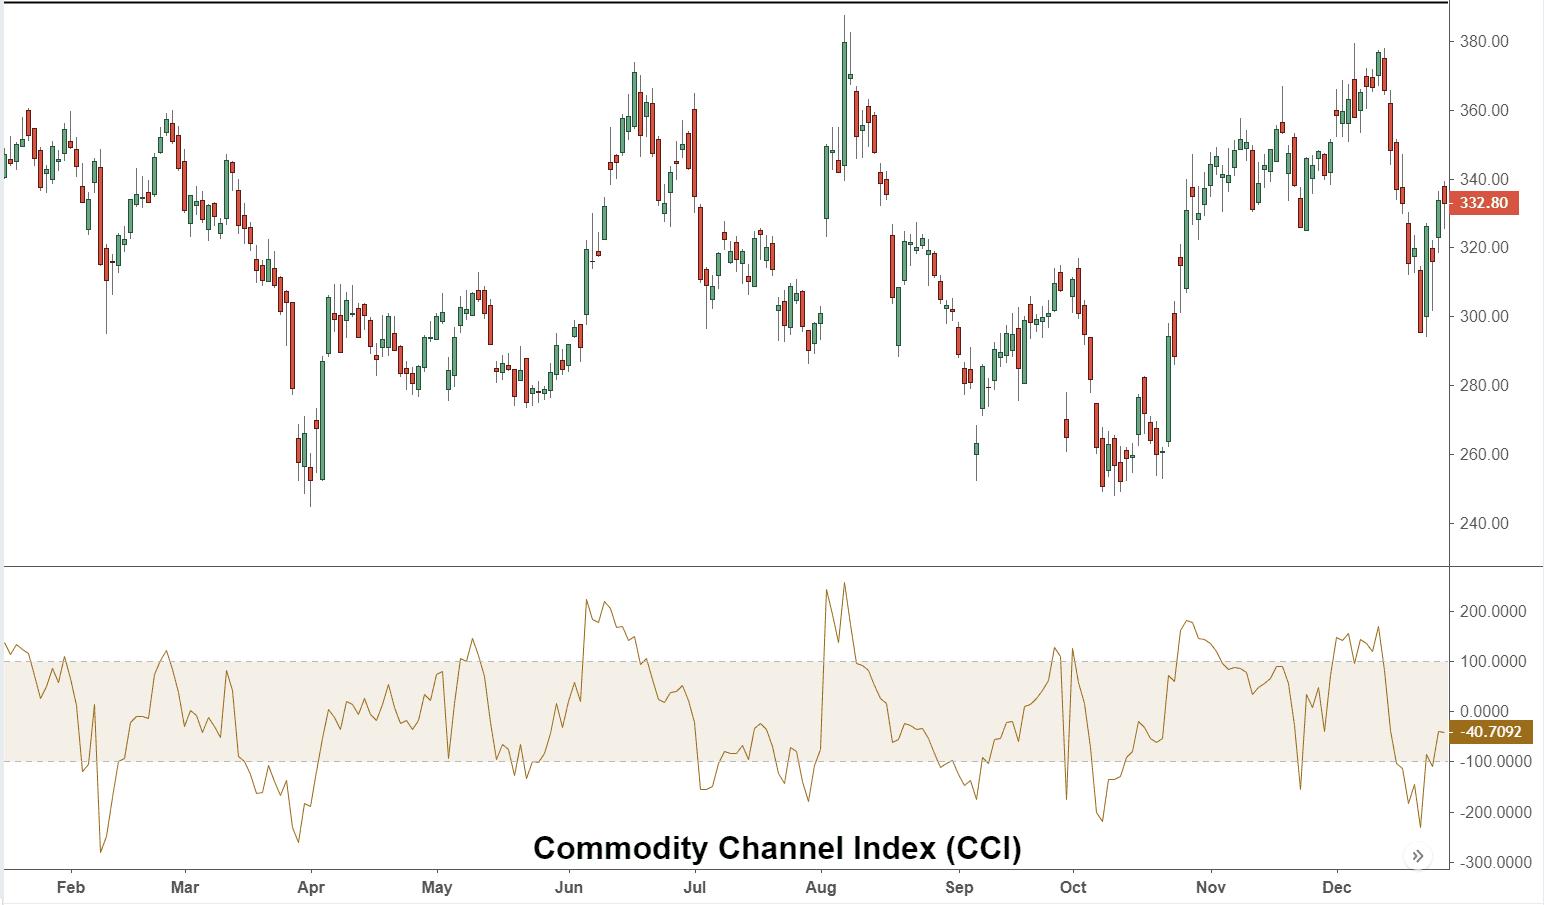 Binomo Strategi Commodity Channel Index (CCI)